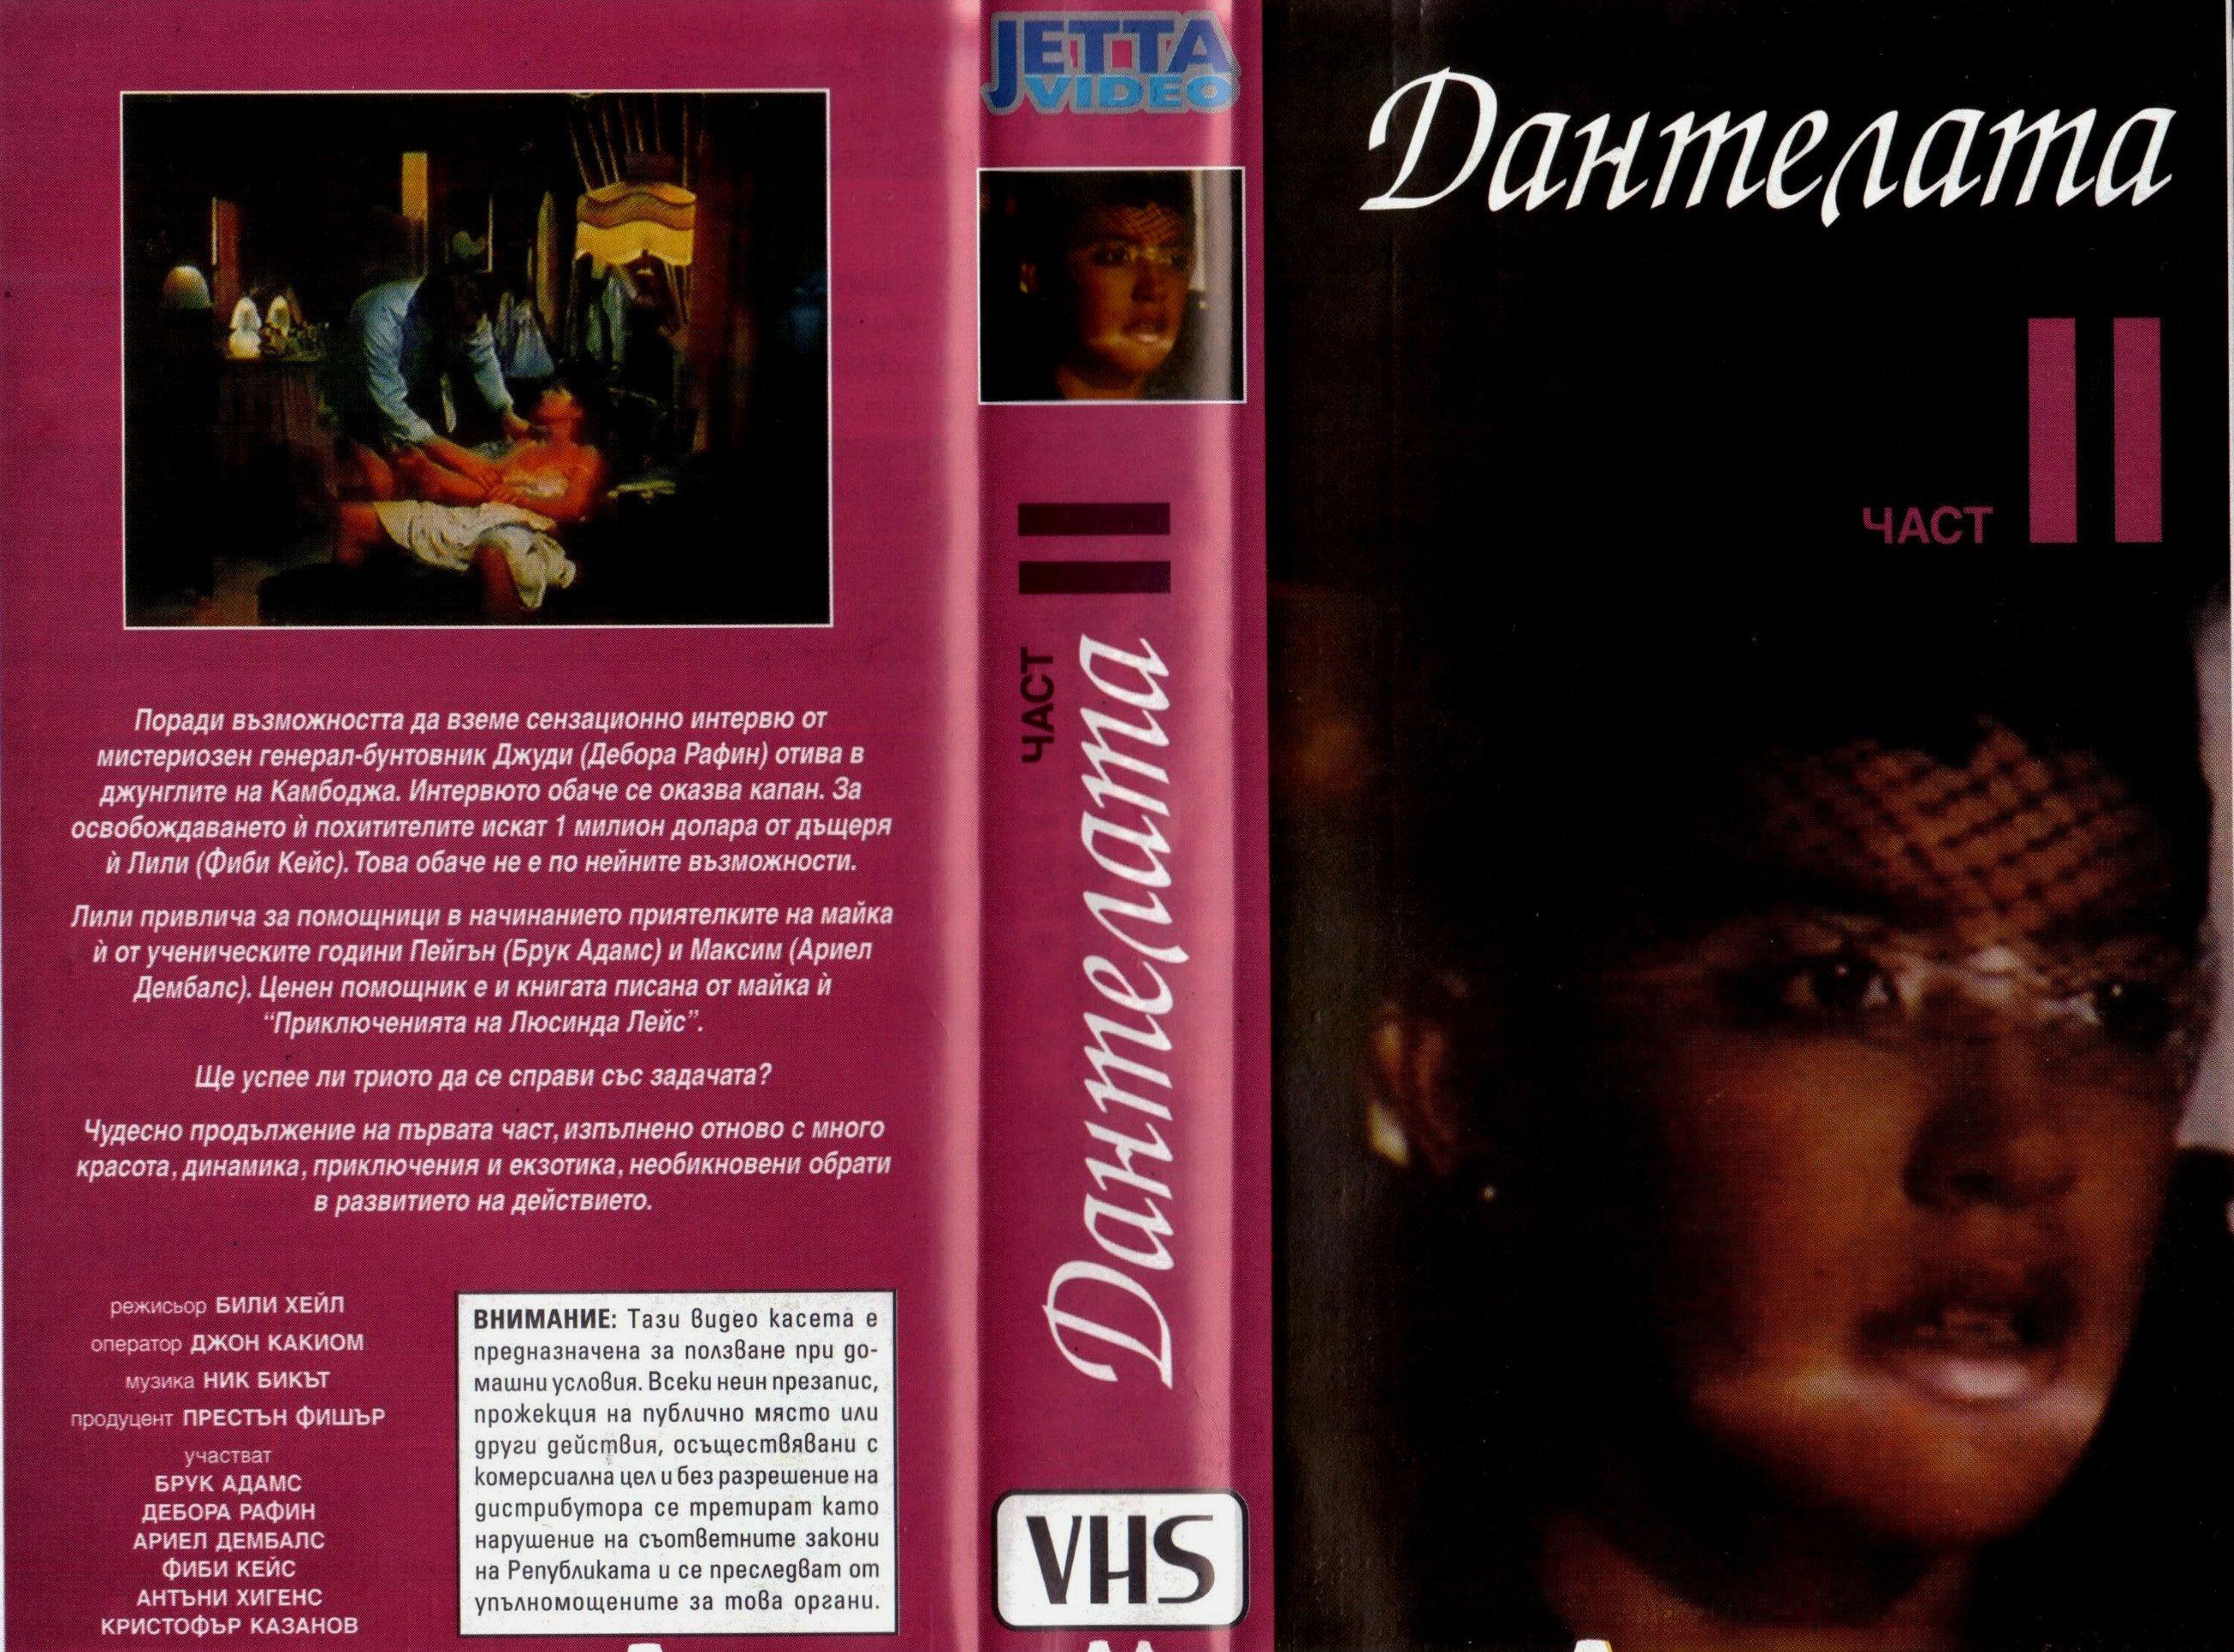 Дантелата 2 филм постер